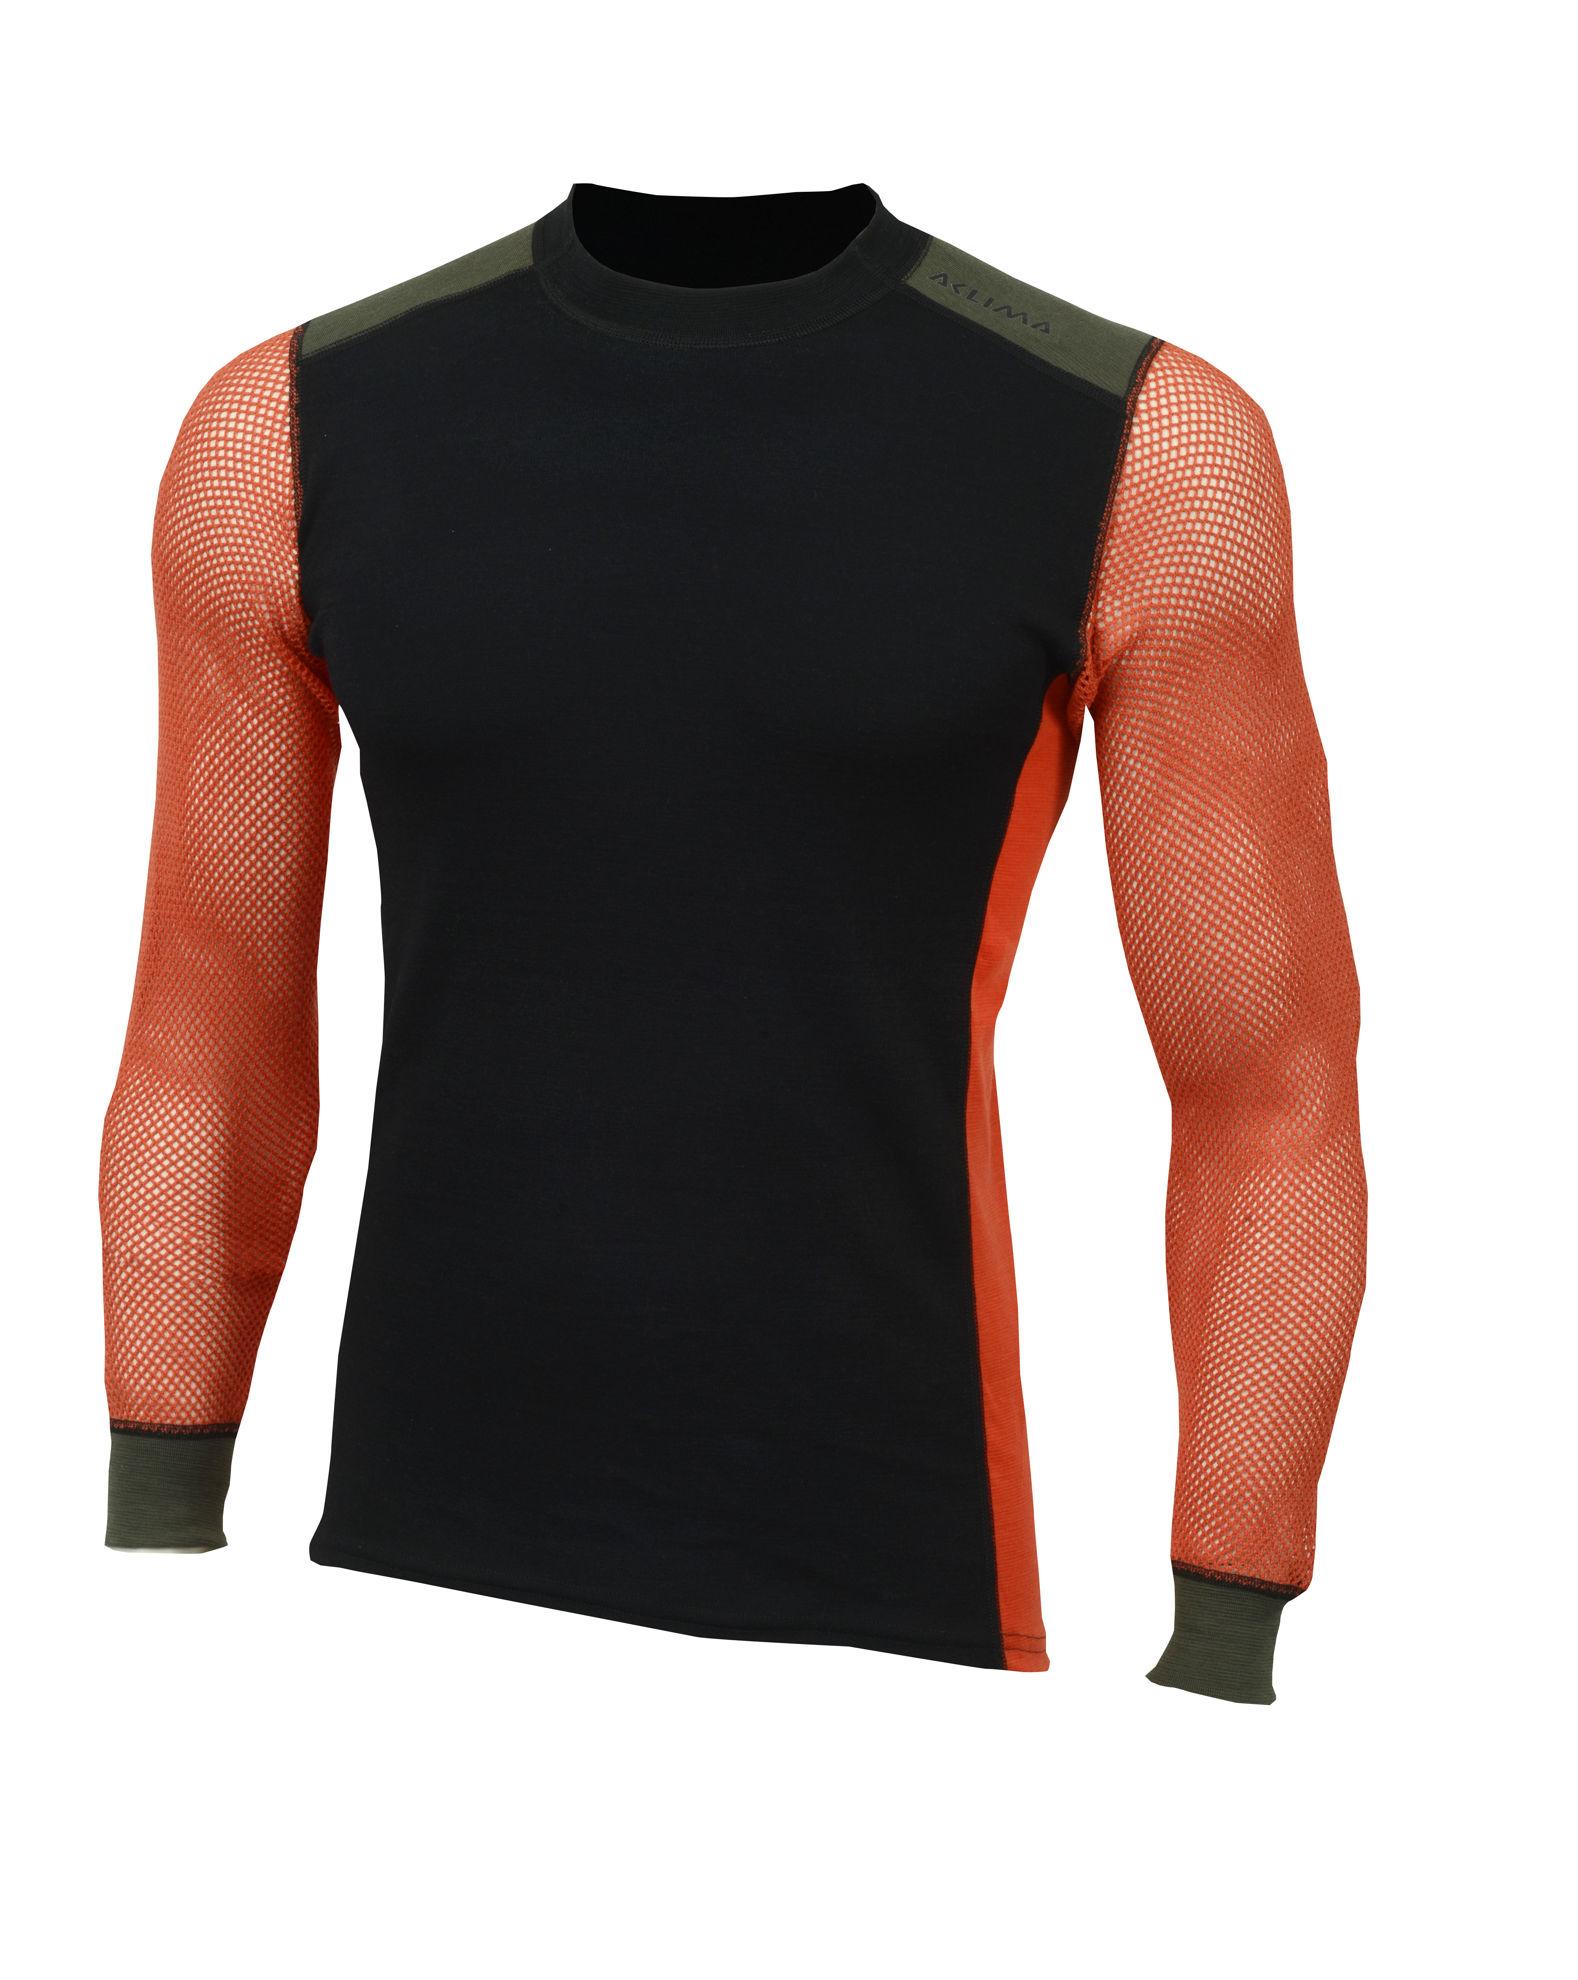 Fr�n Norska Aclima kommer Hiking Crew Neck shirt  i finaste Merinoull. F�rgen heter Jet Black/Poinciana/Olive Night och finns i storlek: XS-2XL. Passar b�st till Herr